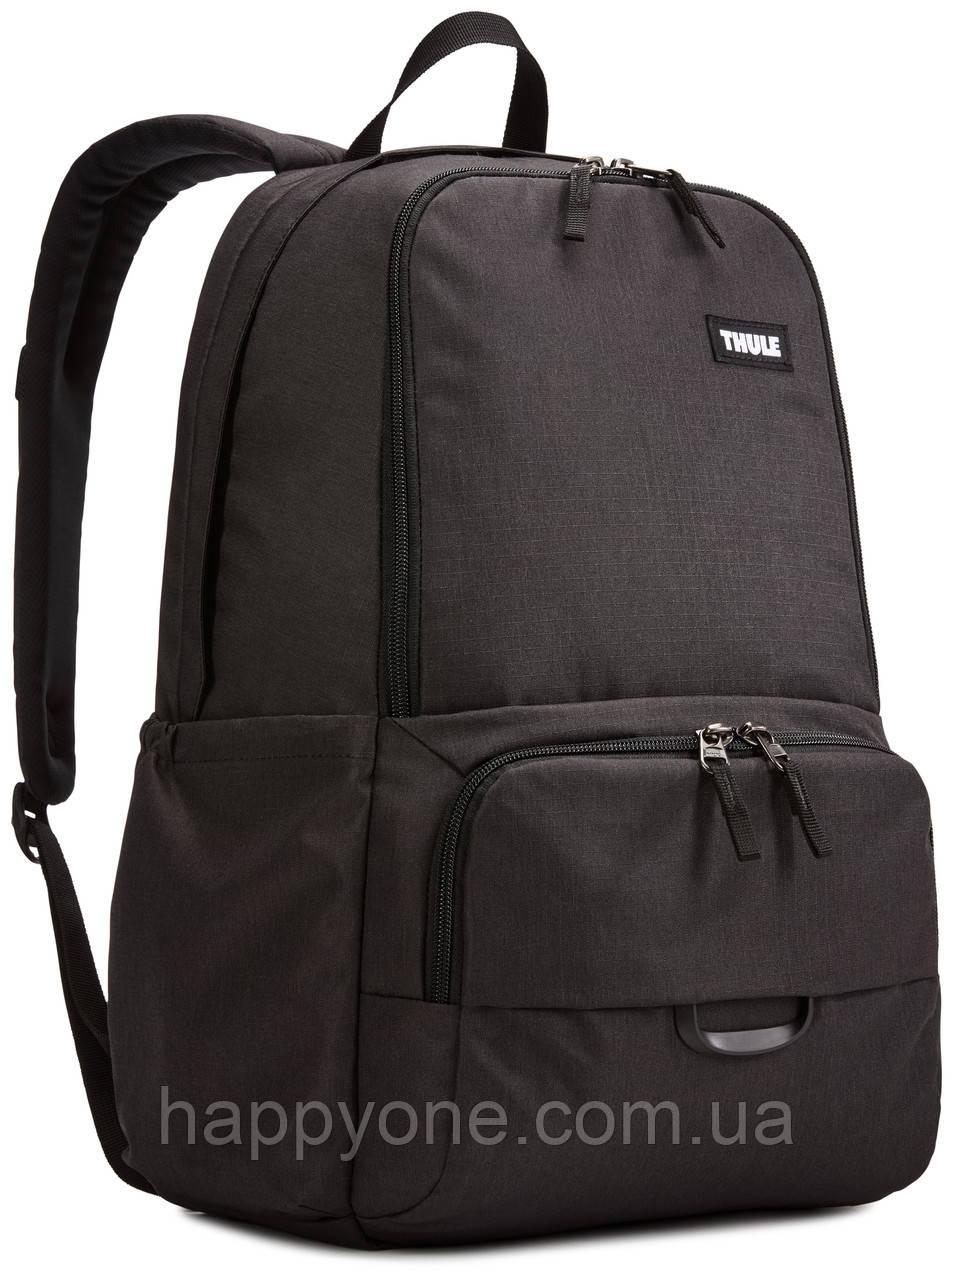 Рюкзак з відділенням для ноутбука Thule Aptitude Backpack 24 л Black (чорний)